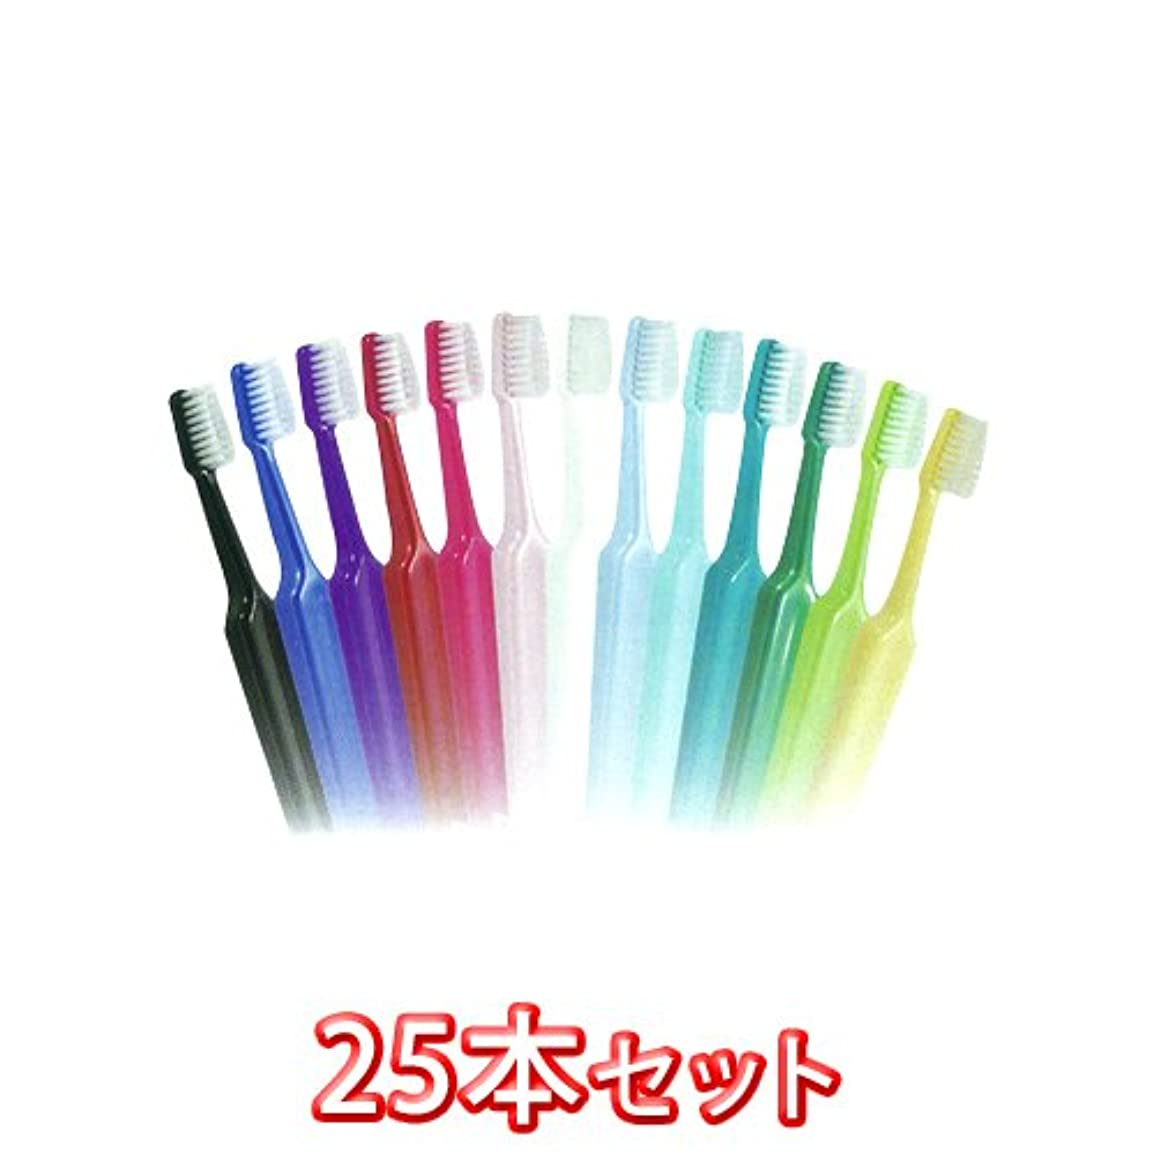 伴うルーTePeテペセレクトコンパクト歯ブラシ 25本(コンパクトソフト)